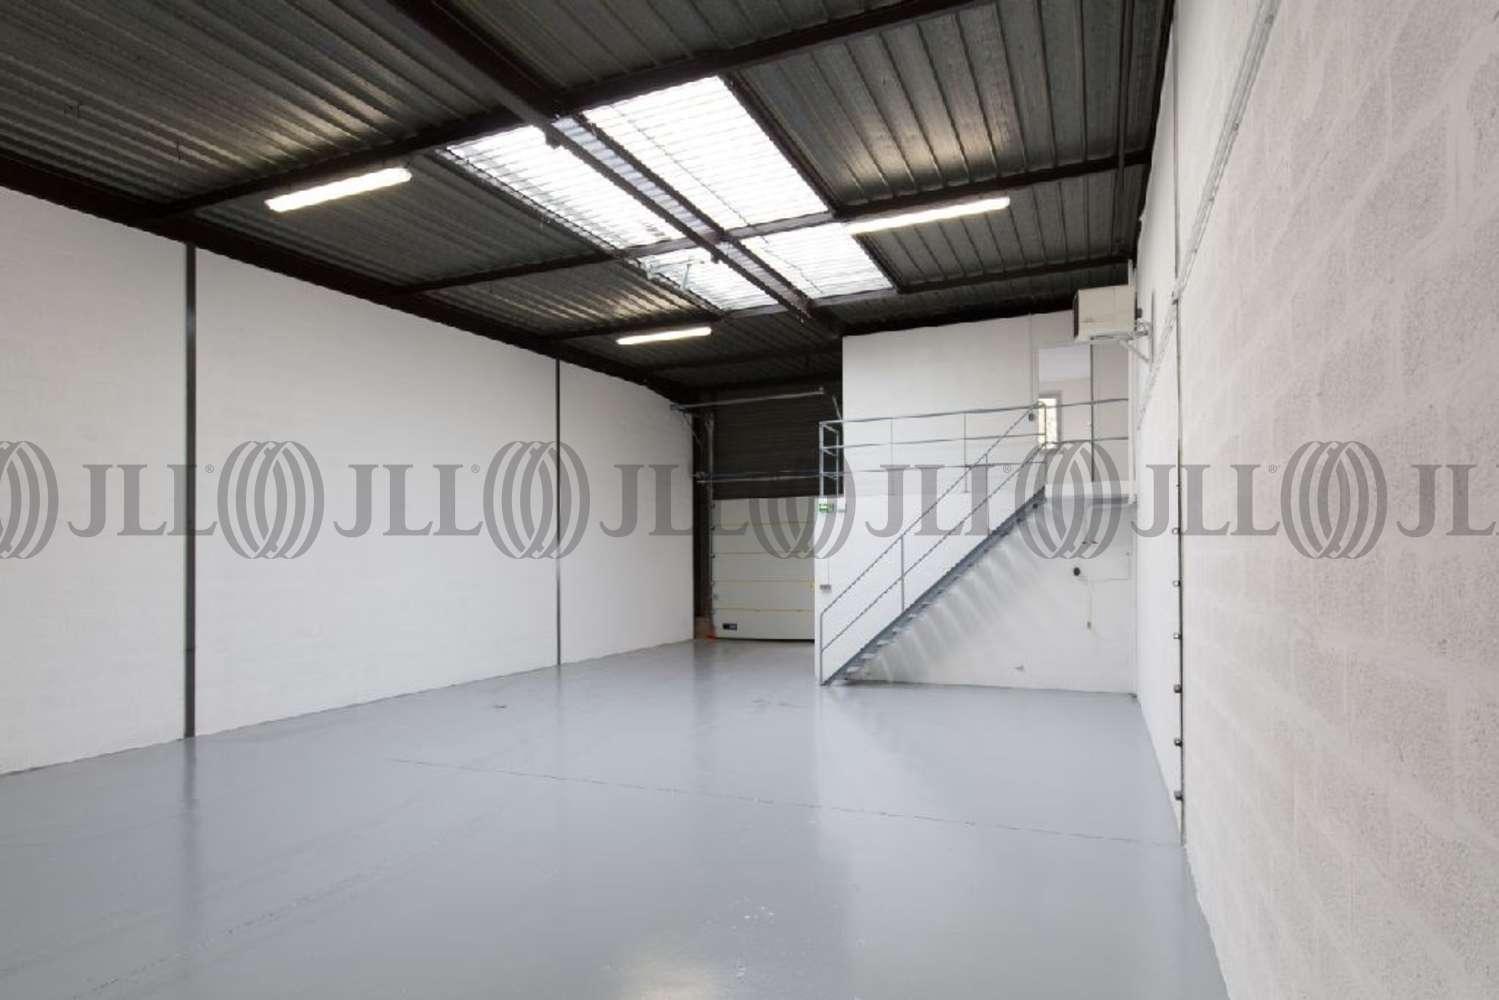 Activités/entrepôt St ouen l aumone, 95310 - PARC LES BETHUNES - 10852164